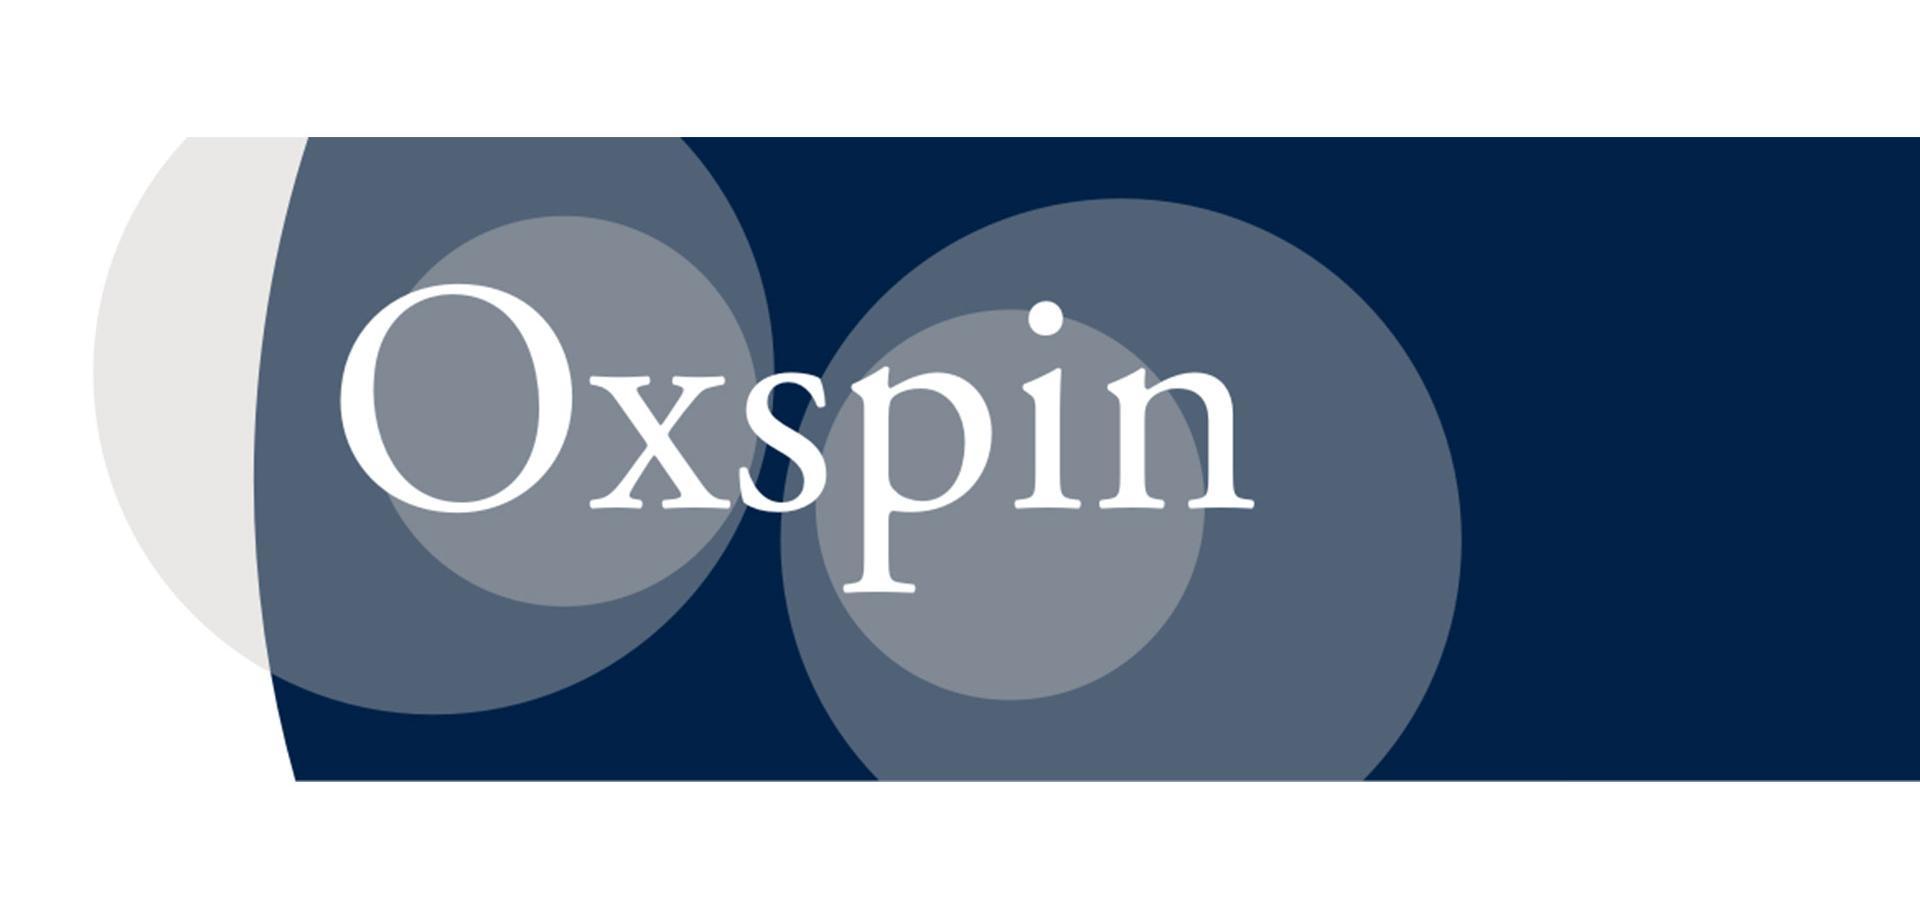 Oxspin logo